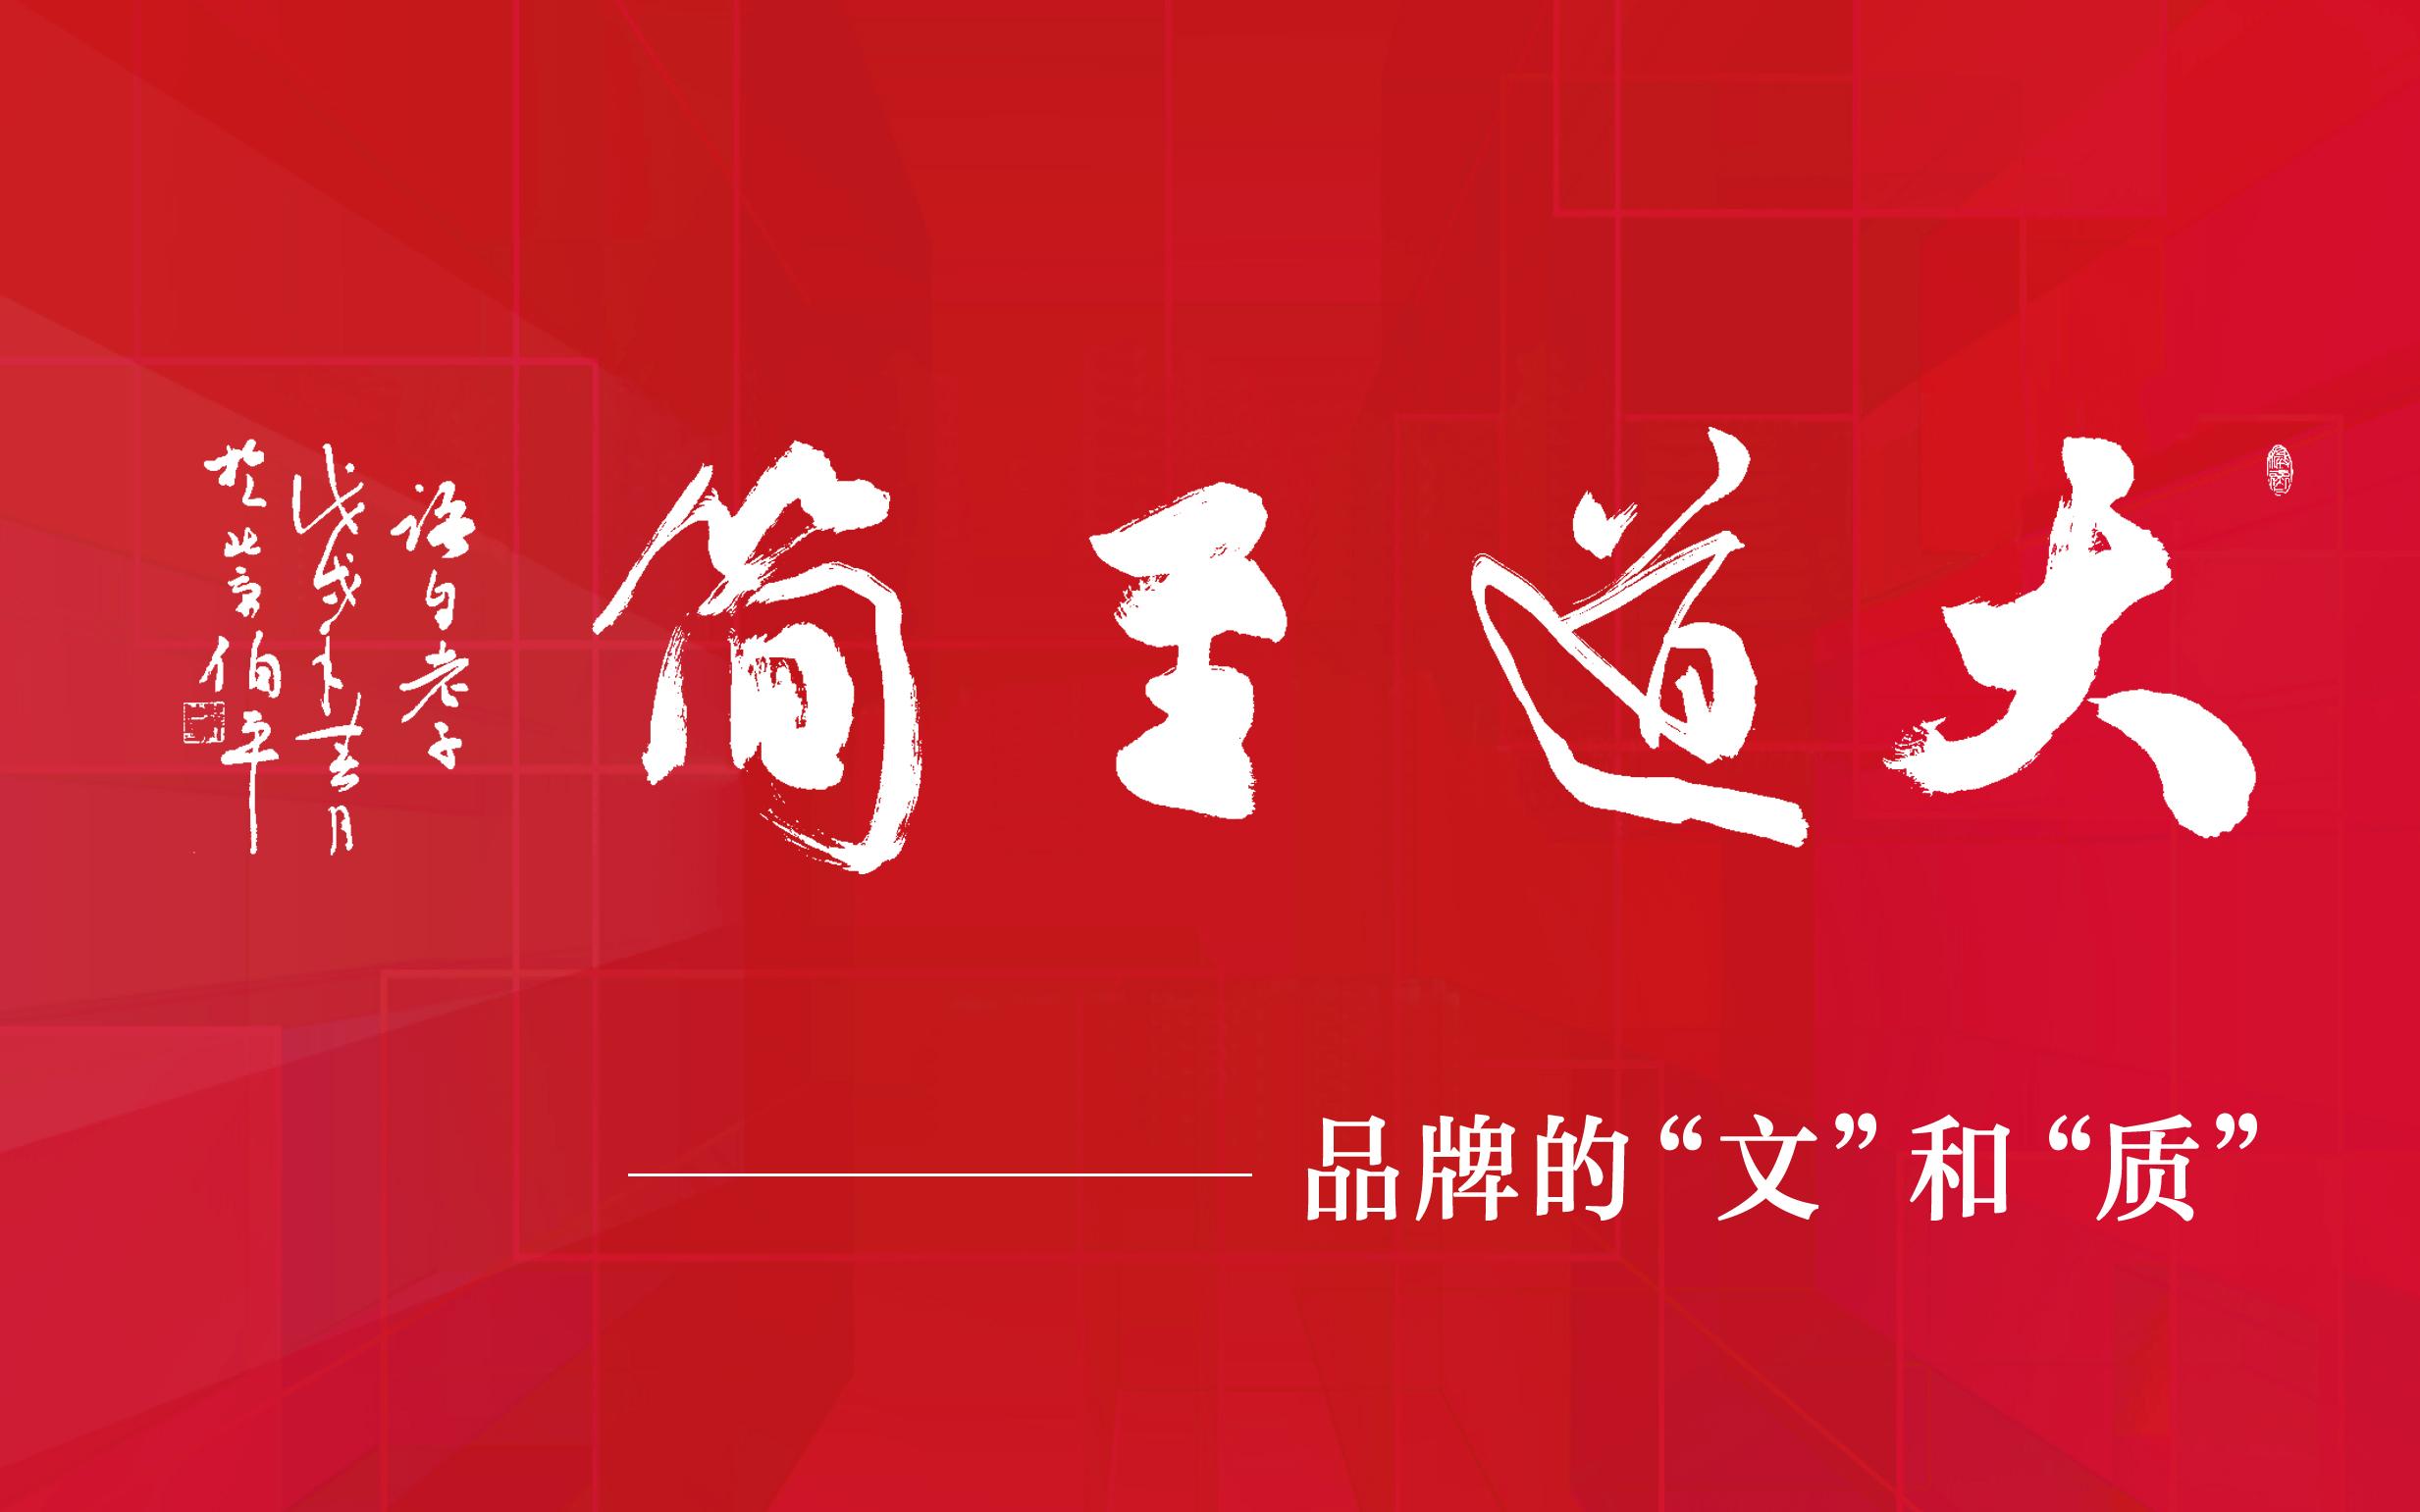 女装内衣品牌公司起名 logo设计产品起名标志设计取名命名